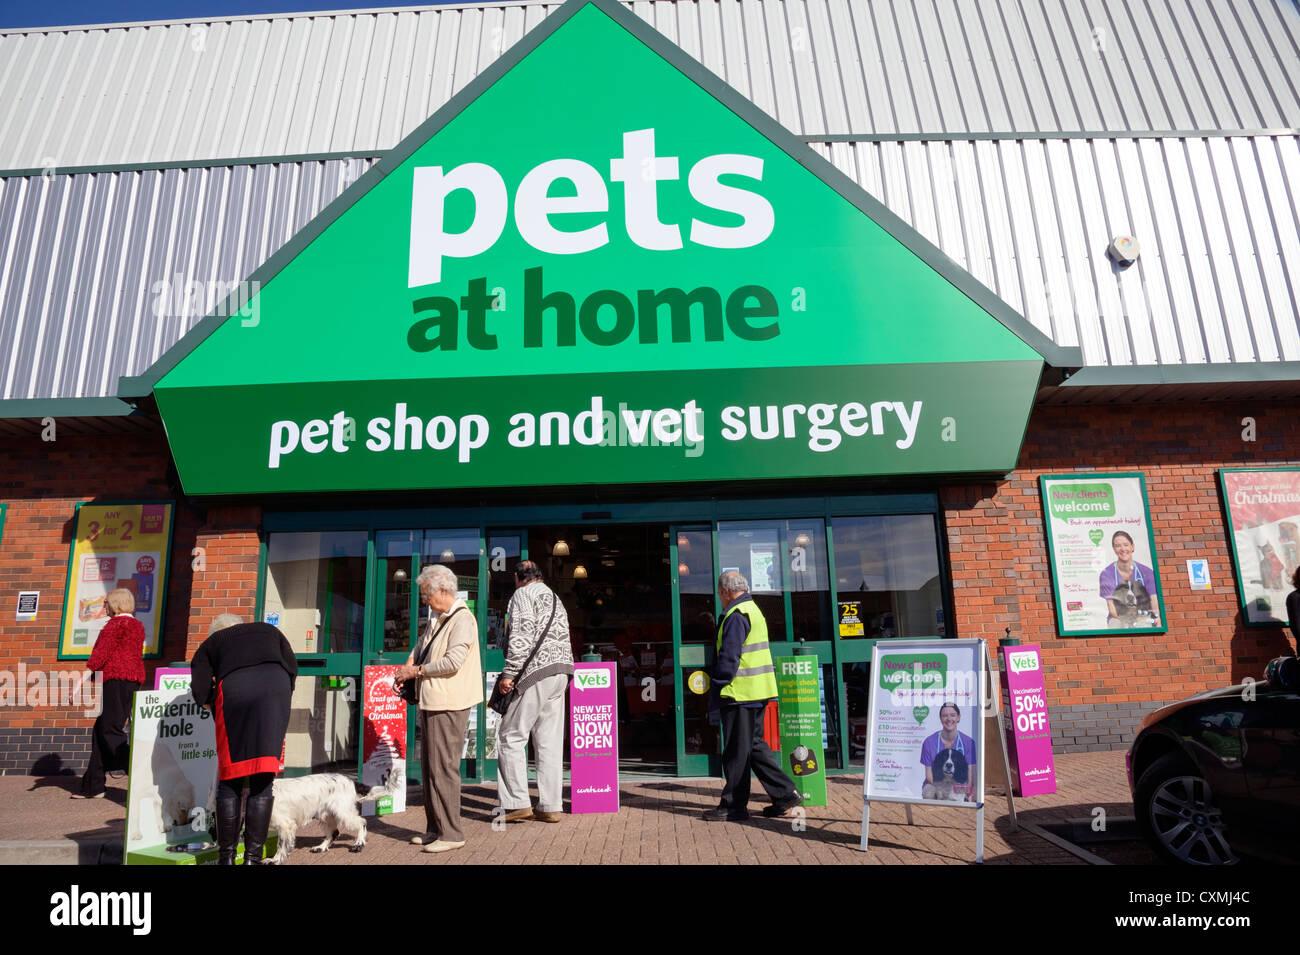 Tienda de mascotas en casa, en Cheltenham, Reino Unido. Imagen De Stock